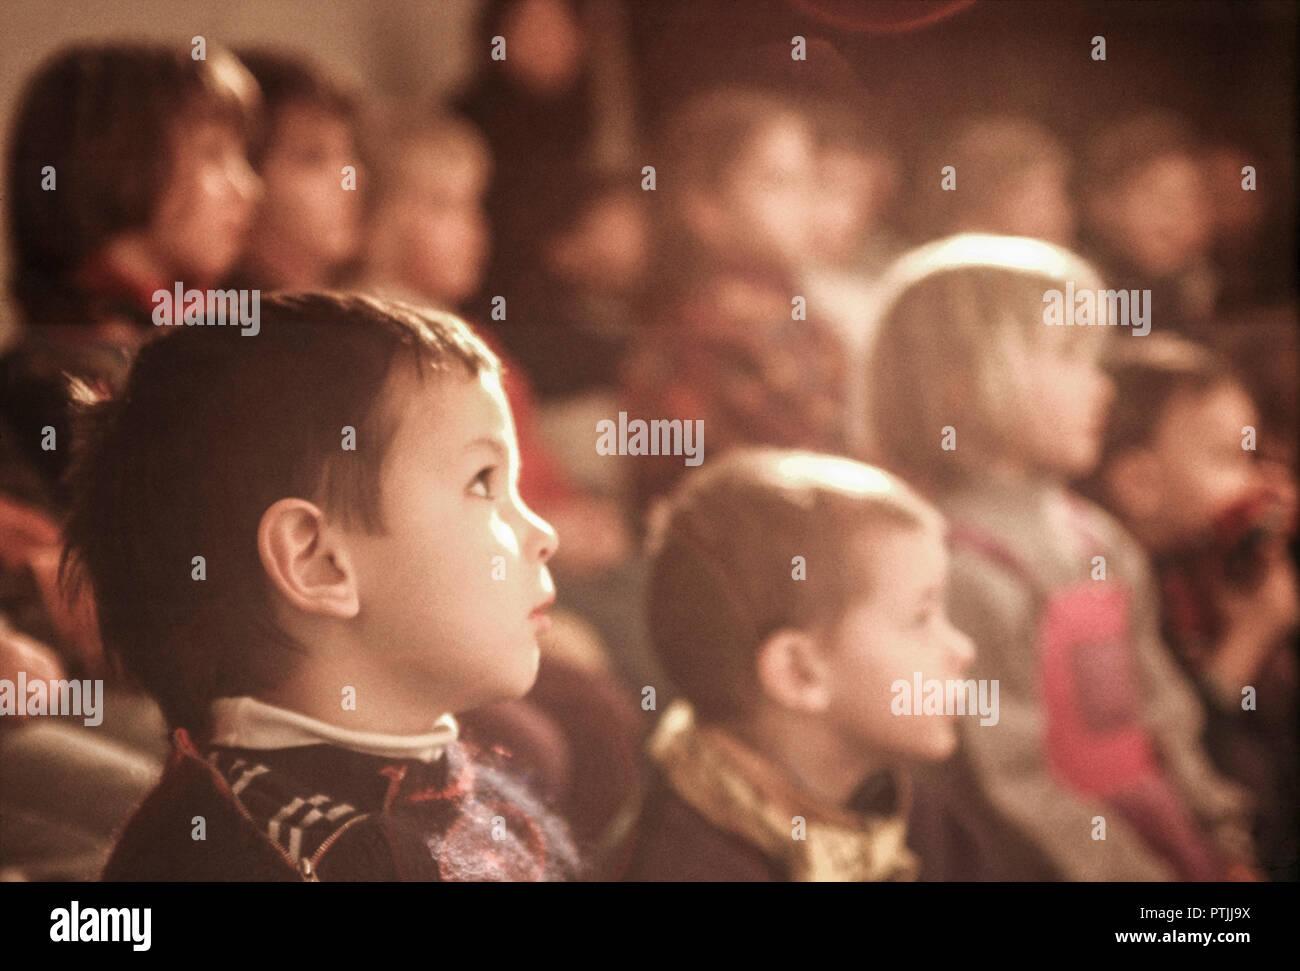 Kinder im Kasperltheater, schauen gebannt auf eine Auffuehrung, Spannung, Interesse (Modellfreigabe) - Stock Image